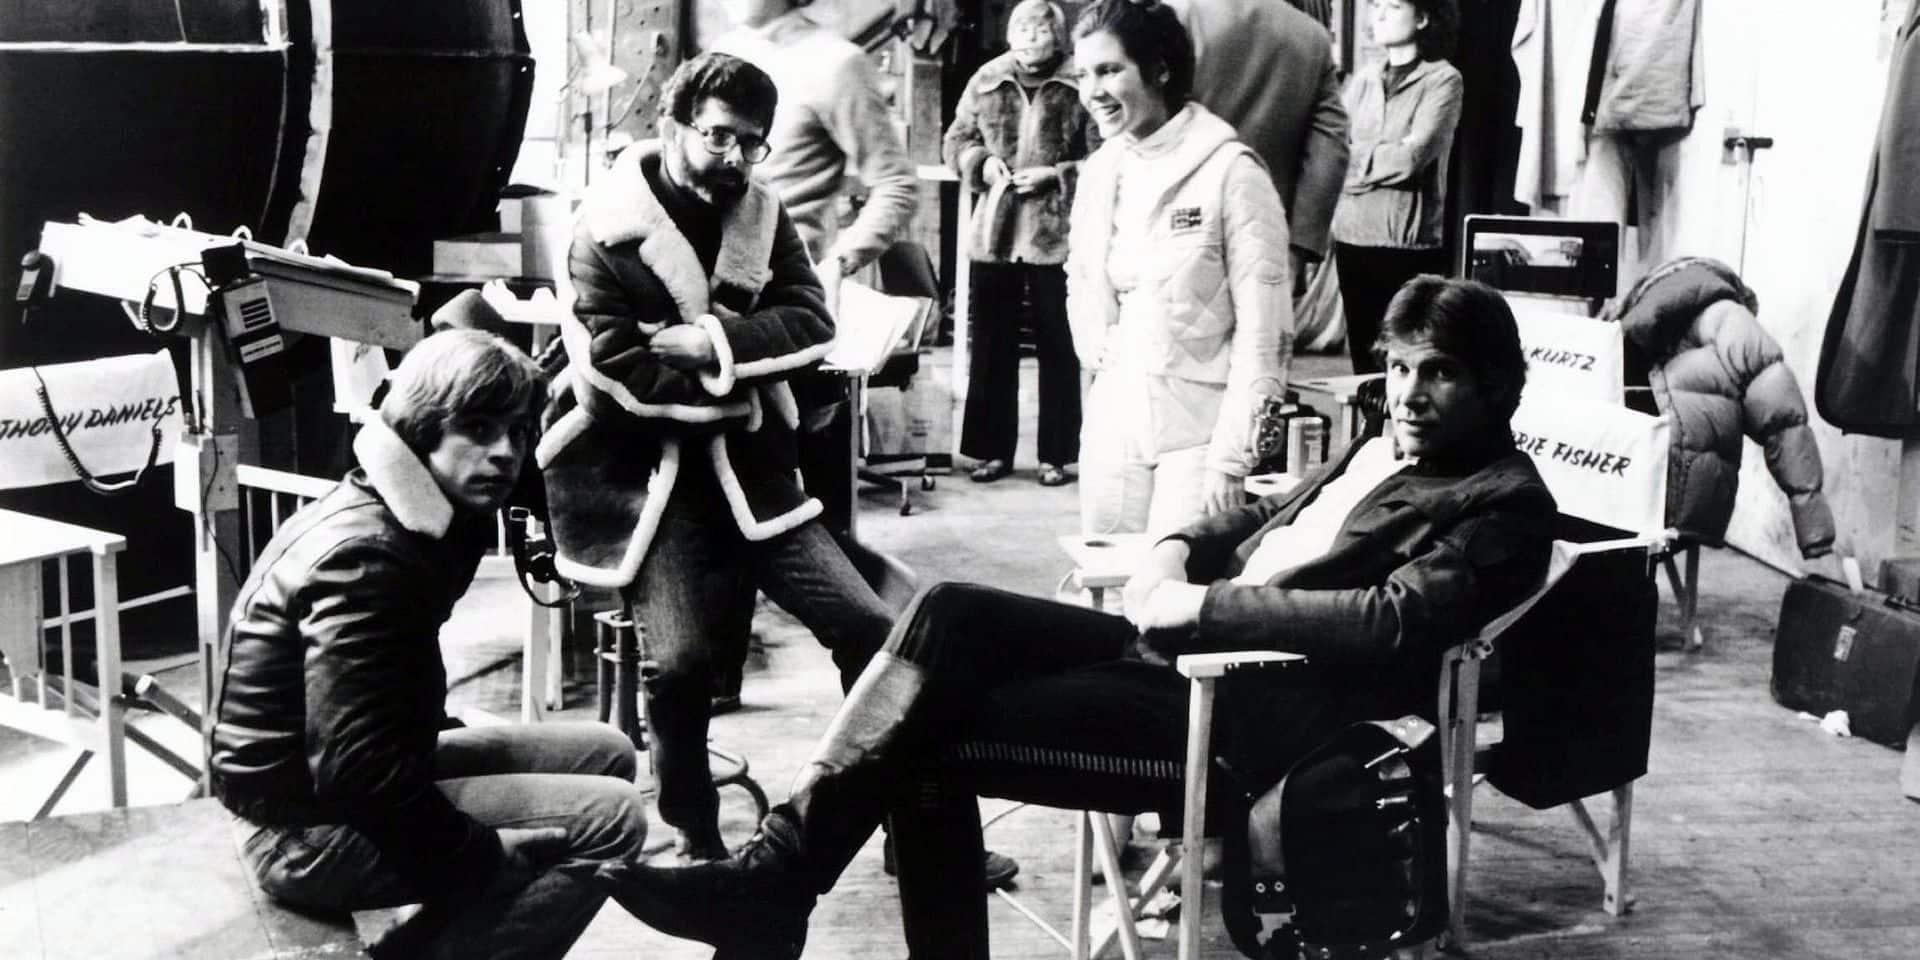 KPA70677 jpg STAR WARS EPISODE IV EINE NEUE HOFFNUNG Star Wars Episode IV A New Hope USA 1977